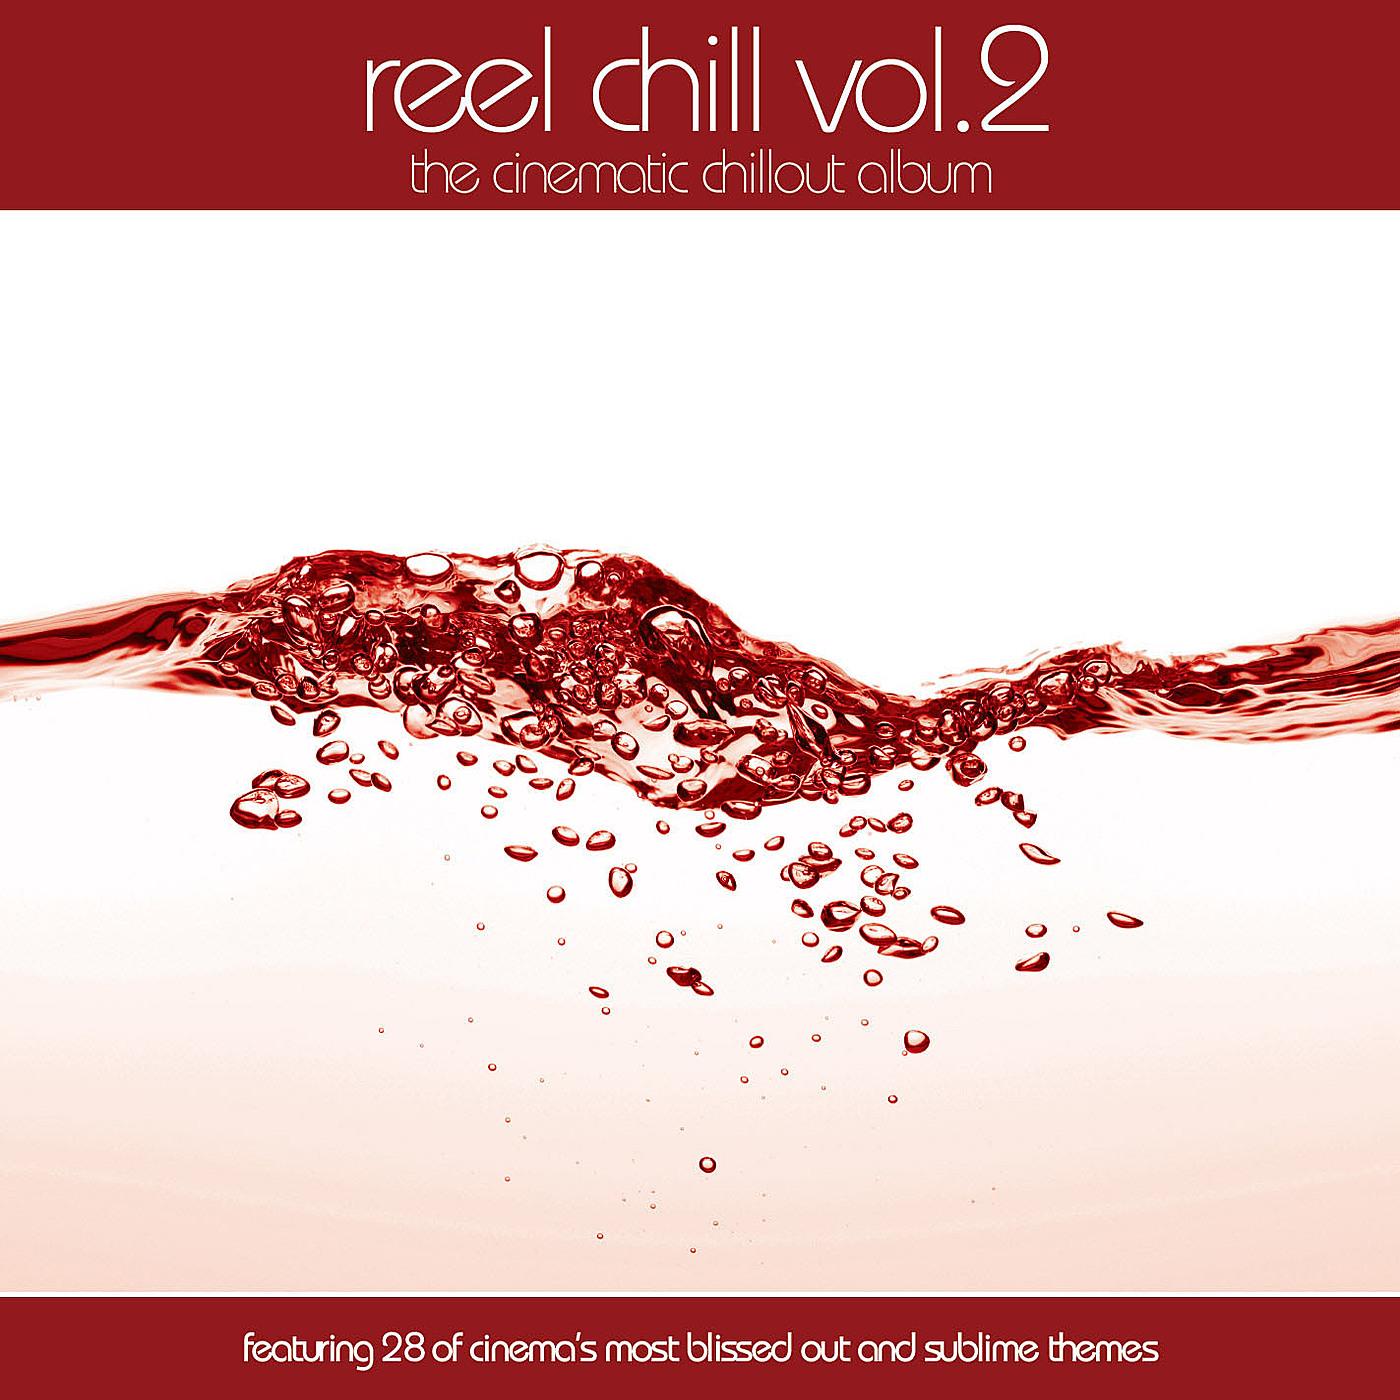 Reel Chill 2